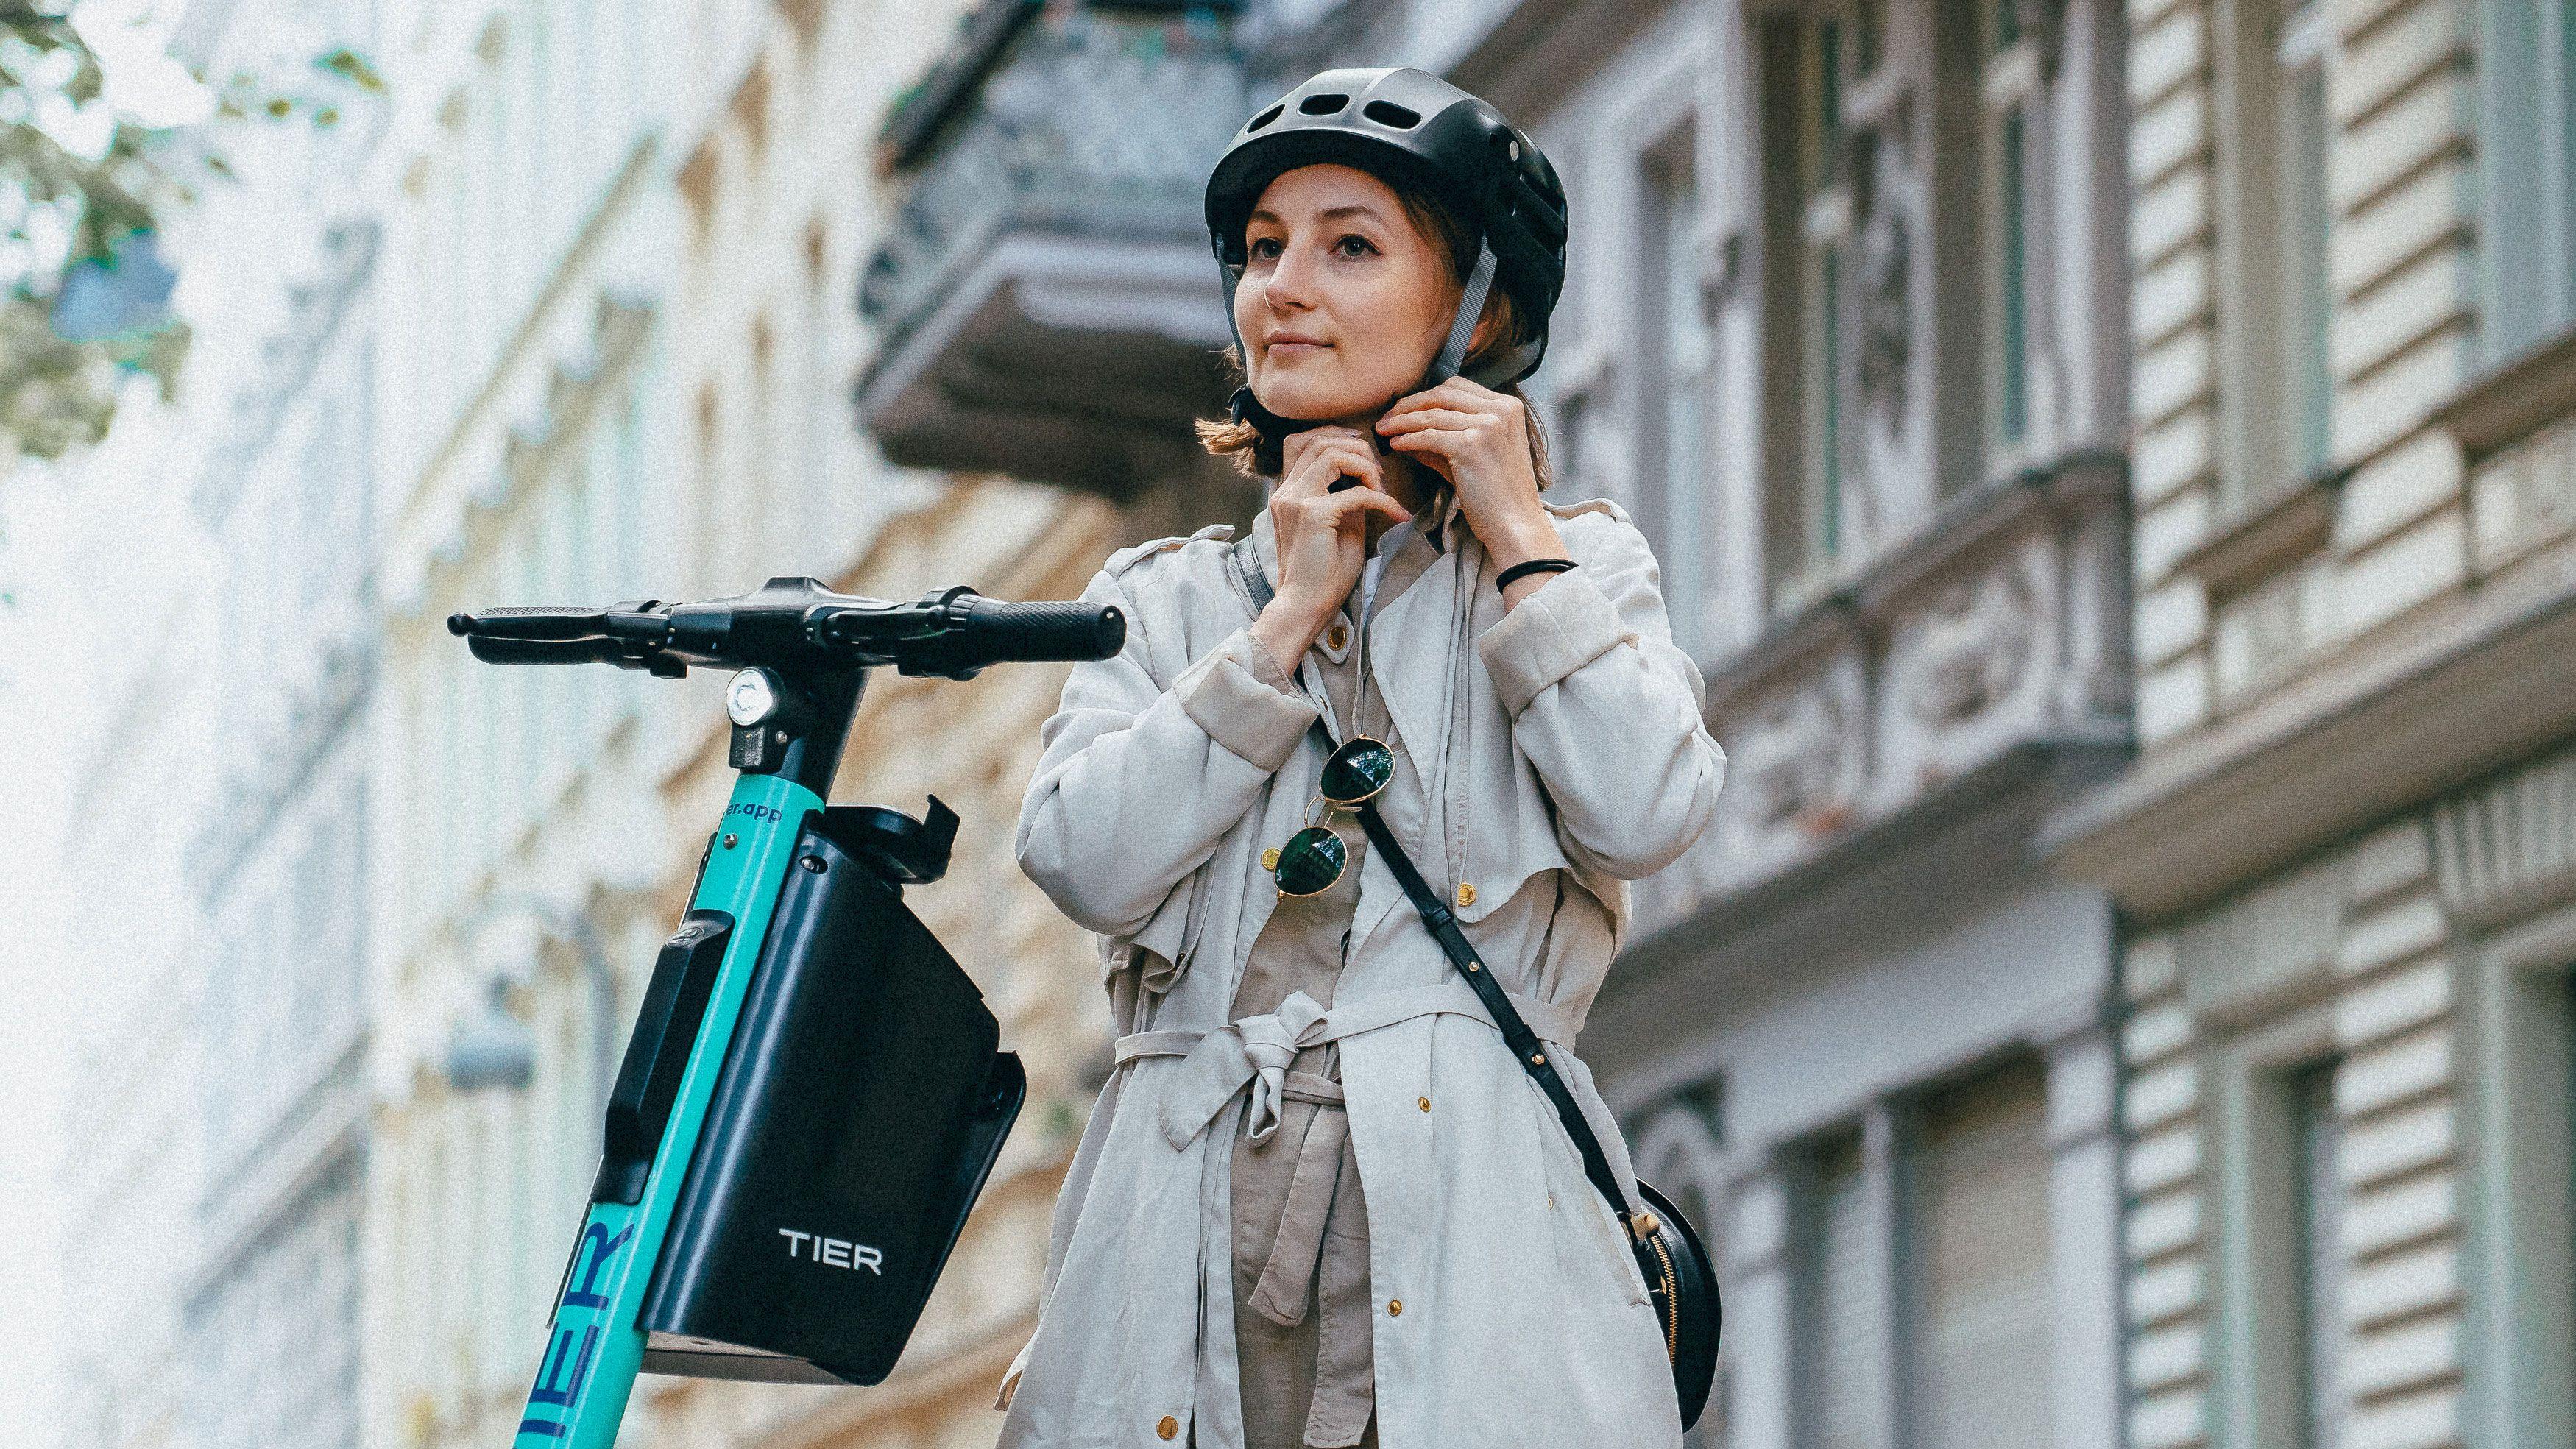 Hjelmen ser nokså normal ut, men kan legges sammen og monteres i boksen du ser på sykkelen på bildet.